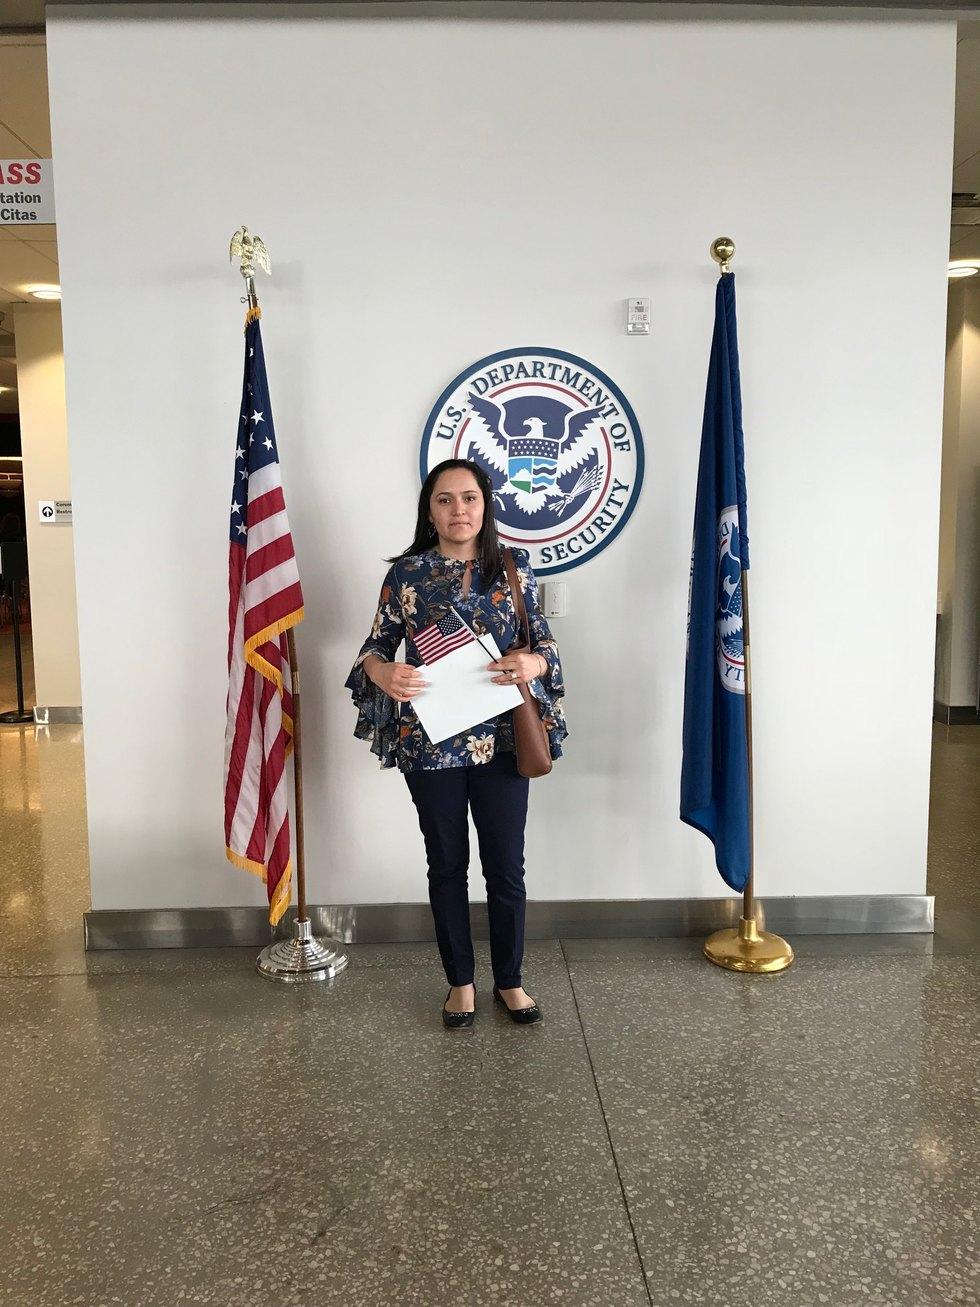 U.S. Citizen naturalization